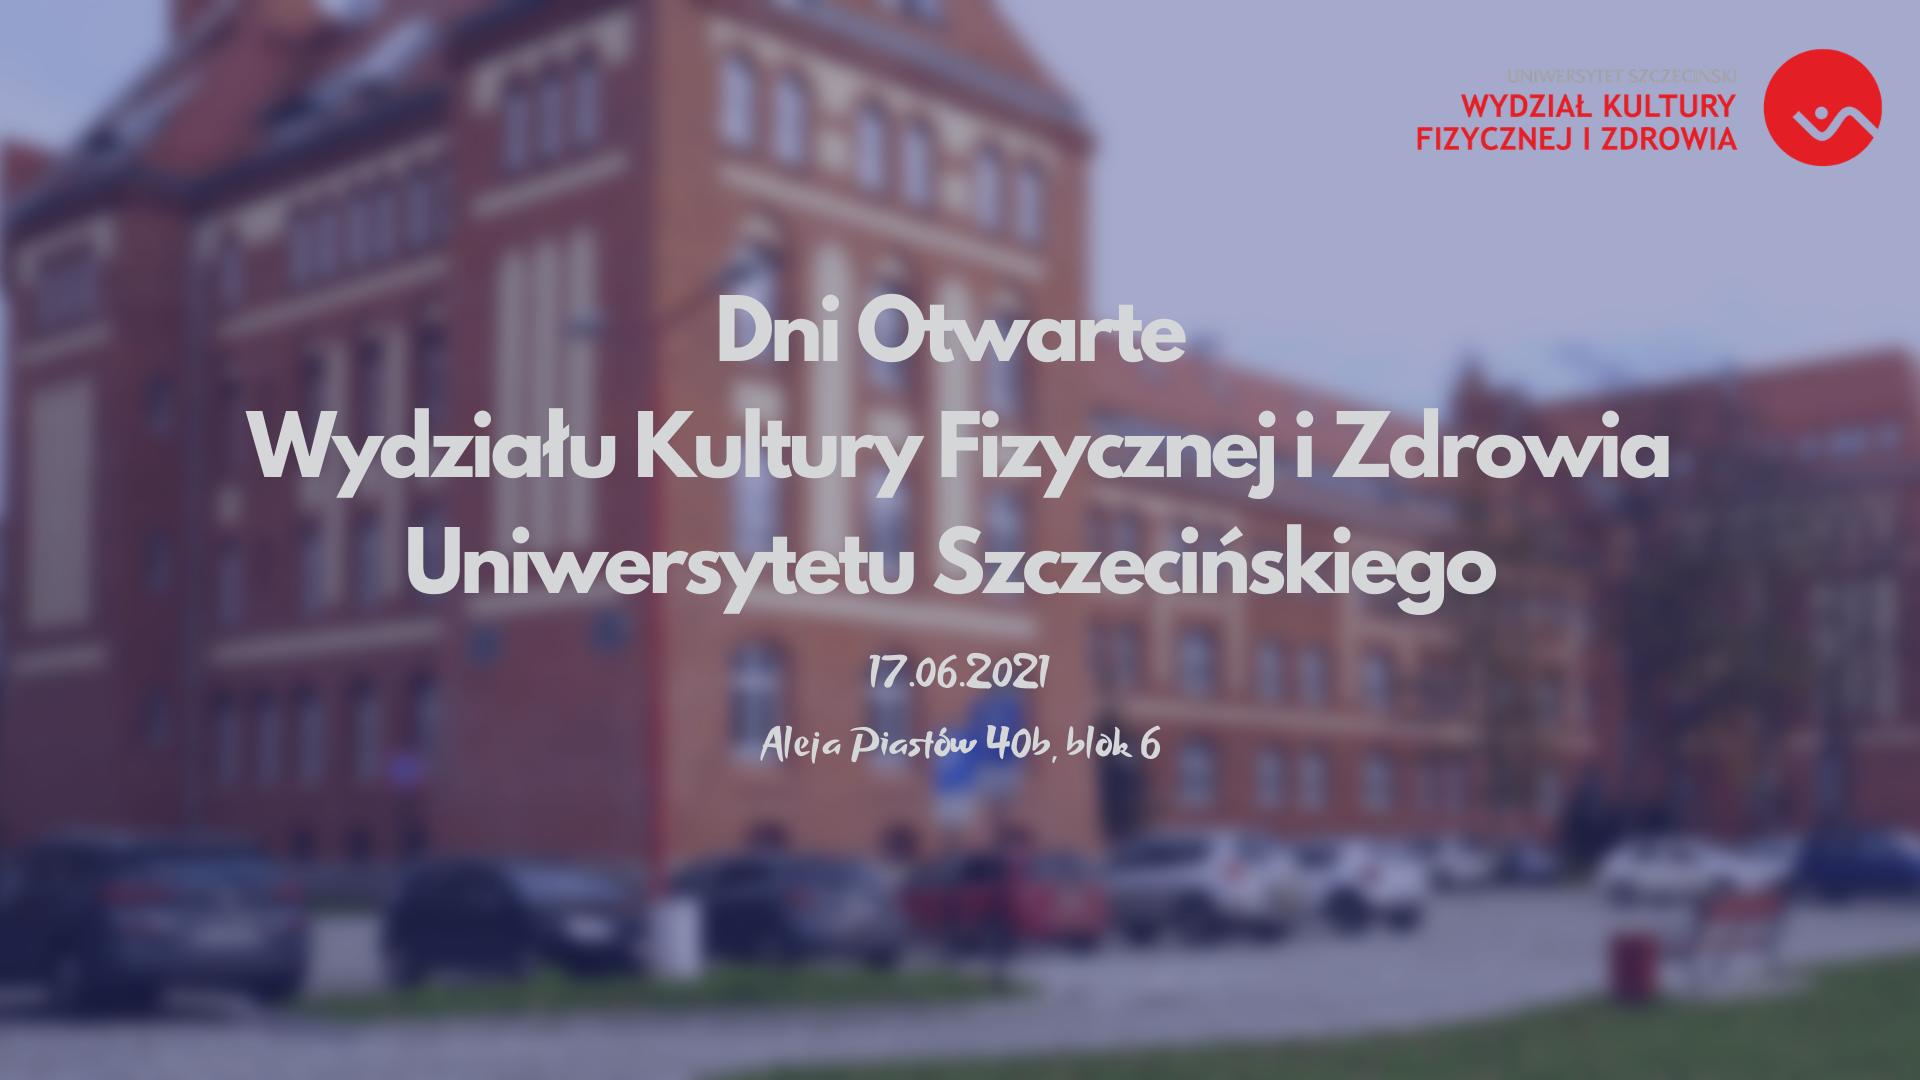 Dni Otwarte Wydziału Kultury Fizycznej i Zdrowia Uniwersytetu Szczecińskiego